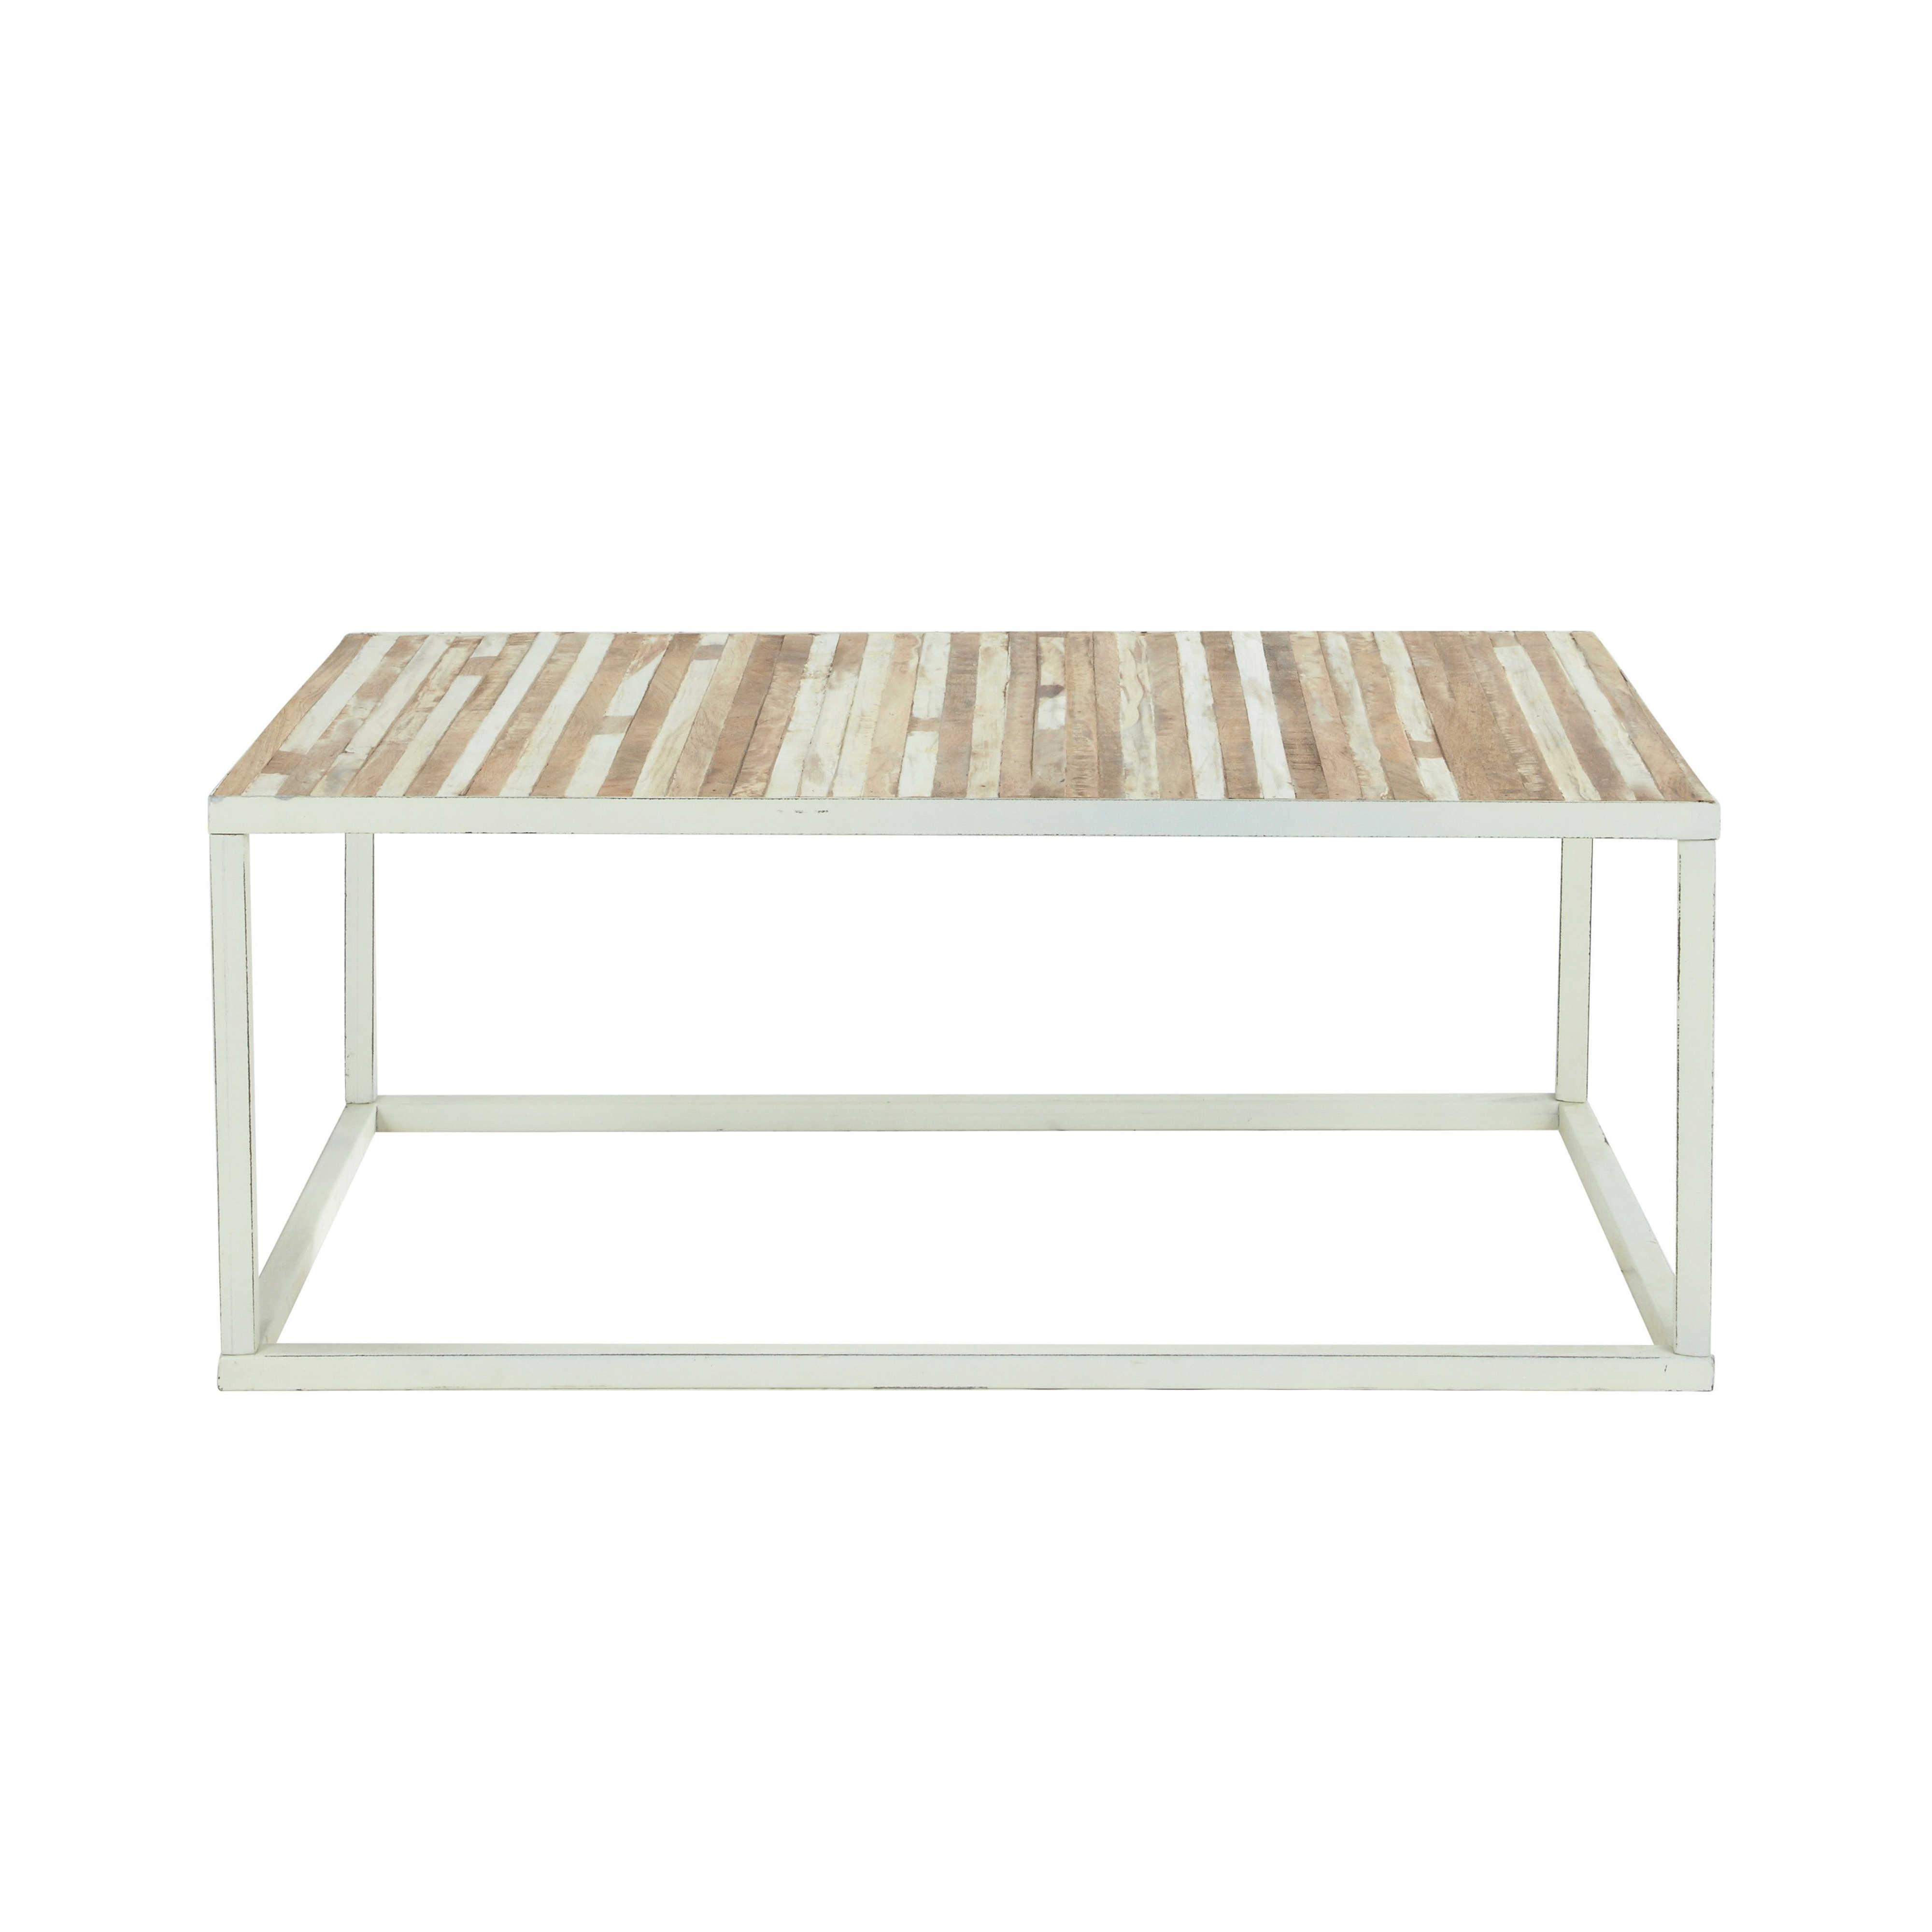 Maison du monde table basse palette   Boutique gain de place.fr